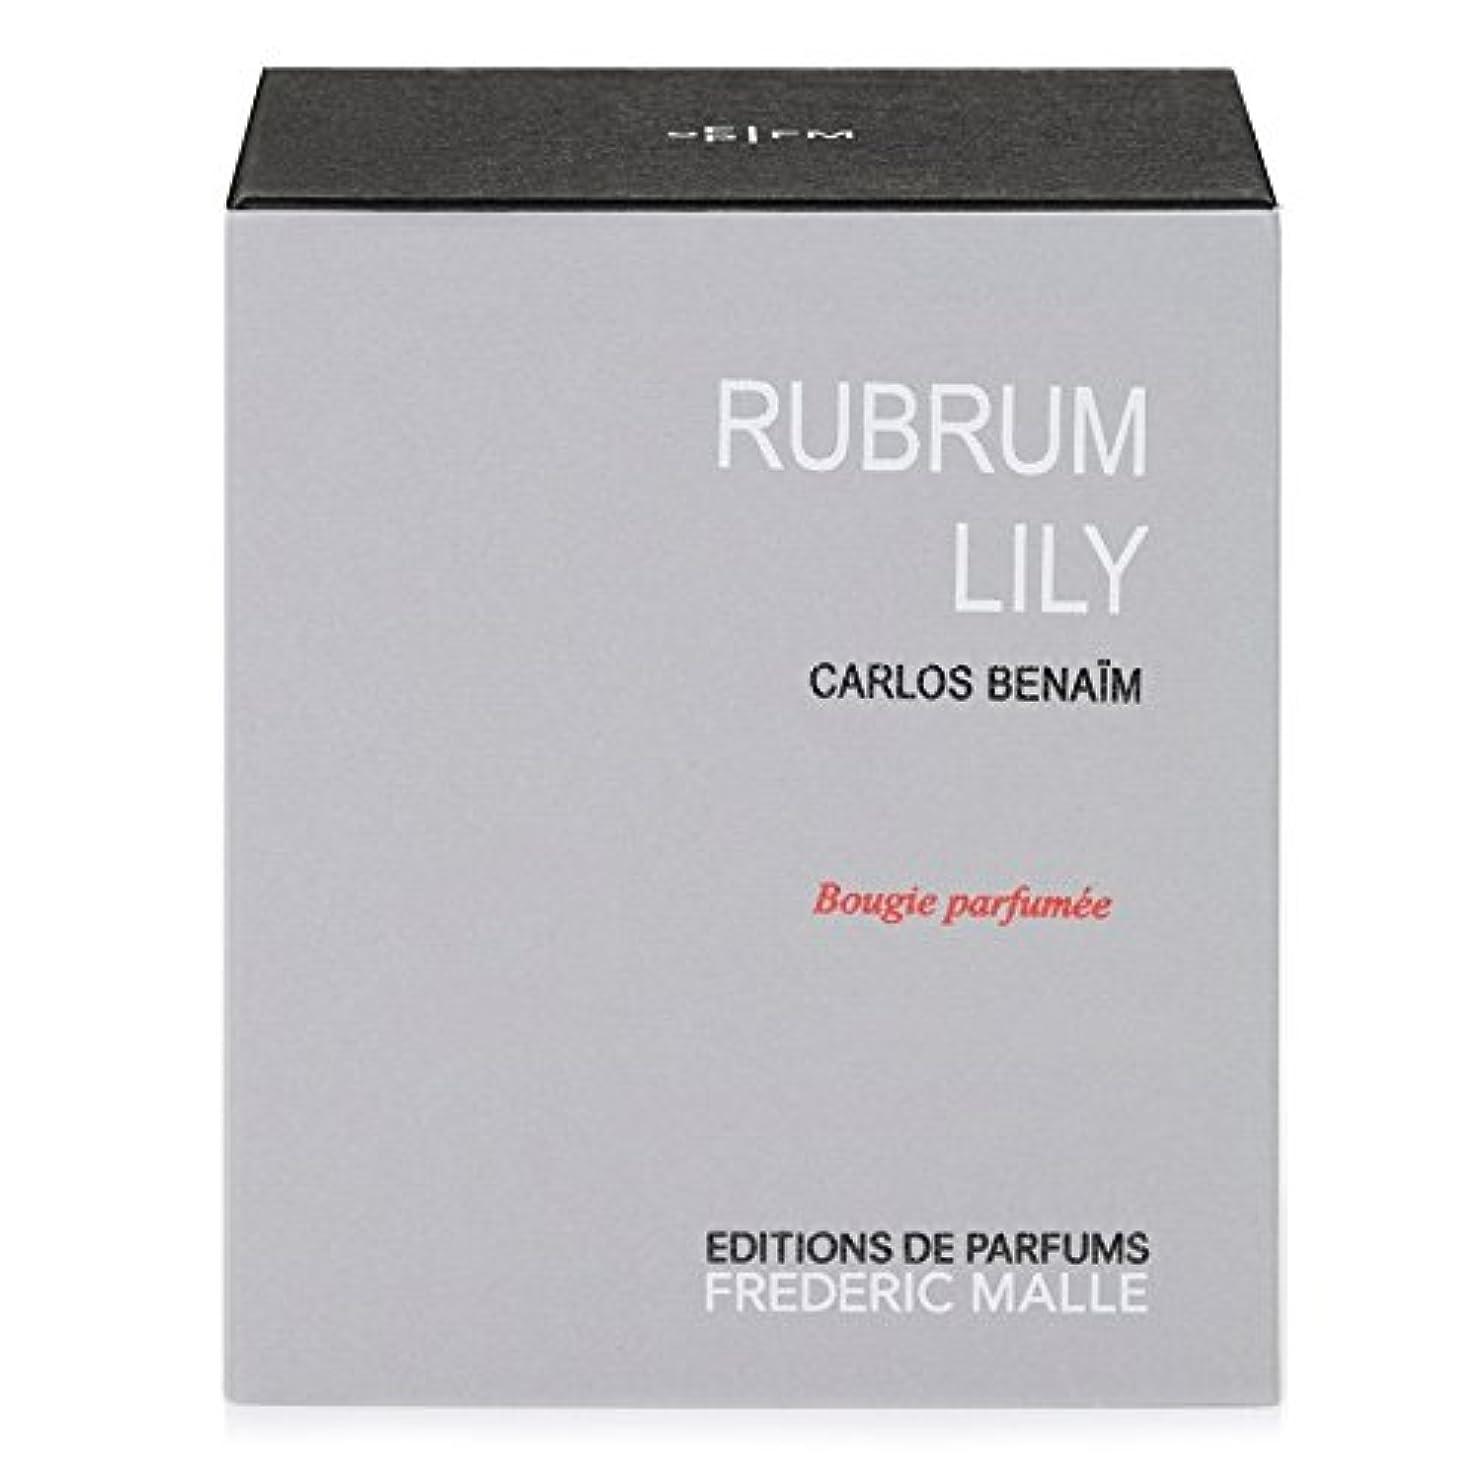 タイプライター香りロボットFrederic Malle Rubrum Lily Scented Candle (Pack of 2) - フレデリック?マルルブルムユリの香りのキャンドル x2 [並行輸入品]